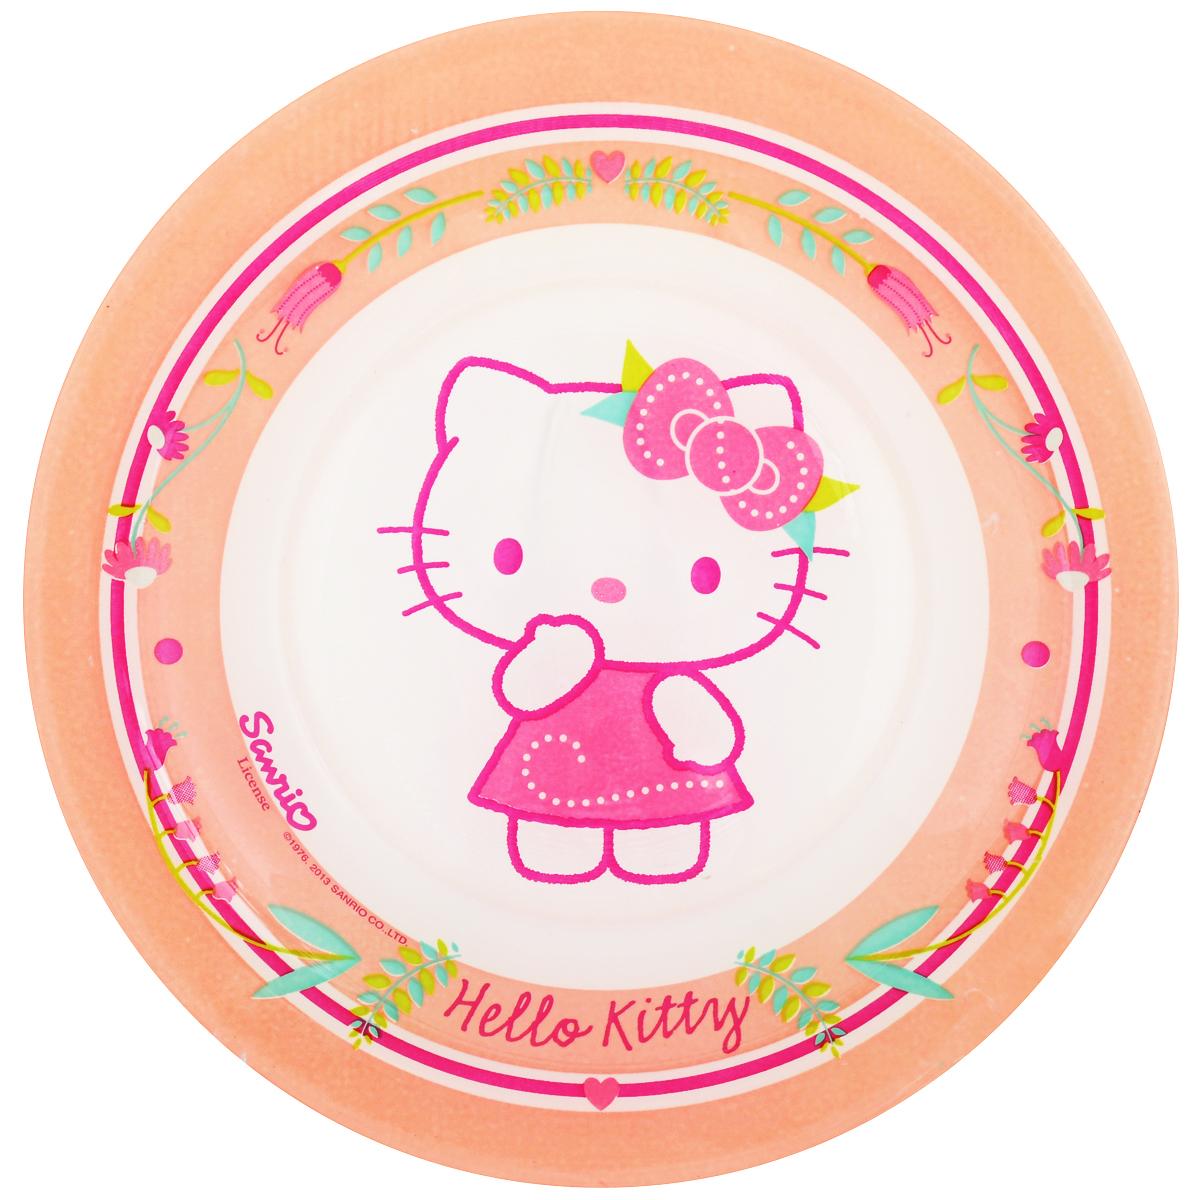 Тарелка десертная Luminarc Hello Kitty. Nordic Flower, диаметр 19,5 см115510Десертная тарелка Luminarc Hello Kitty. Nordic Flower, изготовленная из ударопрочного стекла, имеет изысканный внешний вид. Такая тарелка прекрасно подходит как для торжественных случаев, так и для повседневного использования. Идеальна для подачи десертов, пирожных, тортов и многого другого. Она прекрасно оформит стол и станет отличным дополнением к вашей коллекции кухонной посуды. Диаметр тарелки: 19,5 см.